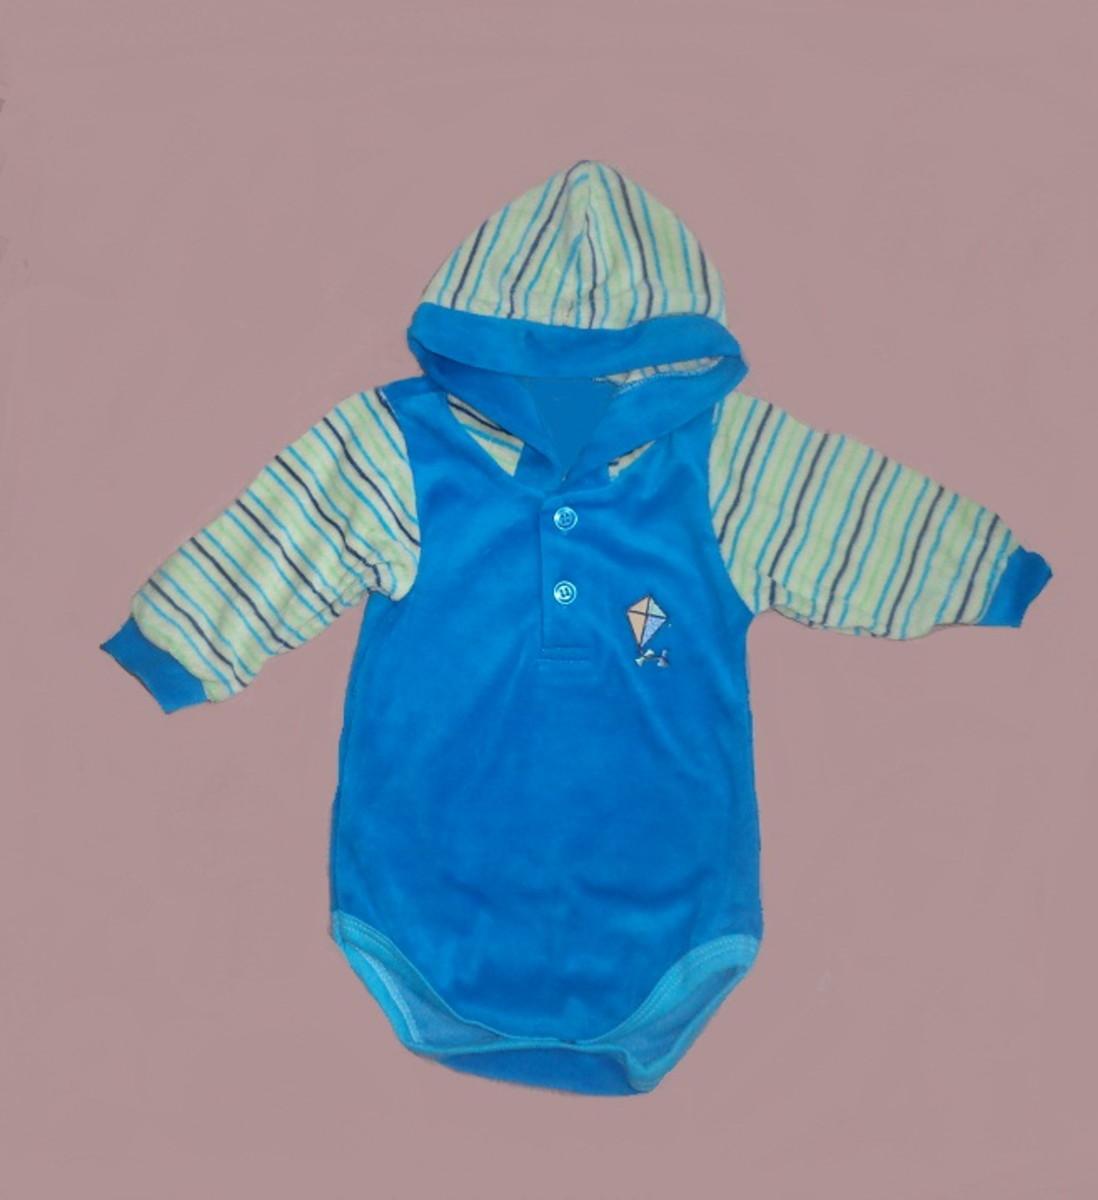 Blusa body c  capuz em plush para bebê no Elo7  cb99b810ff11